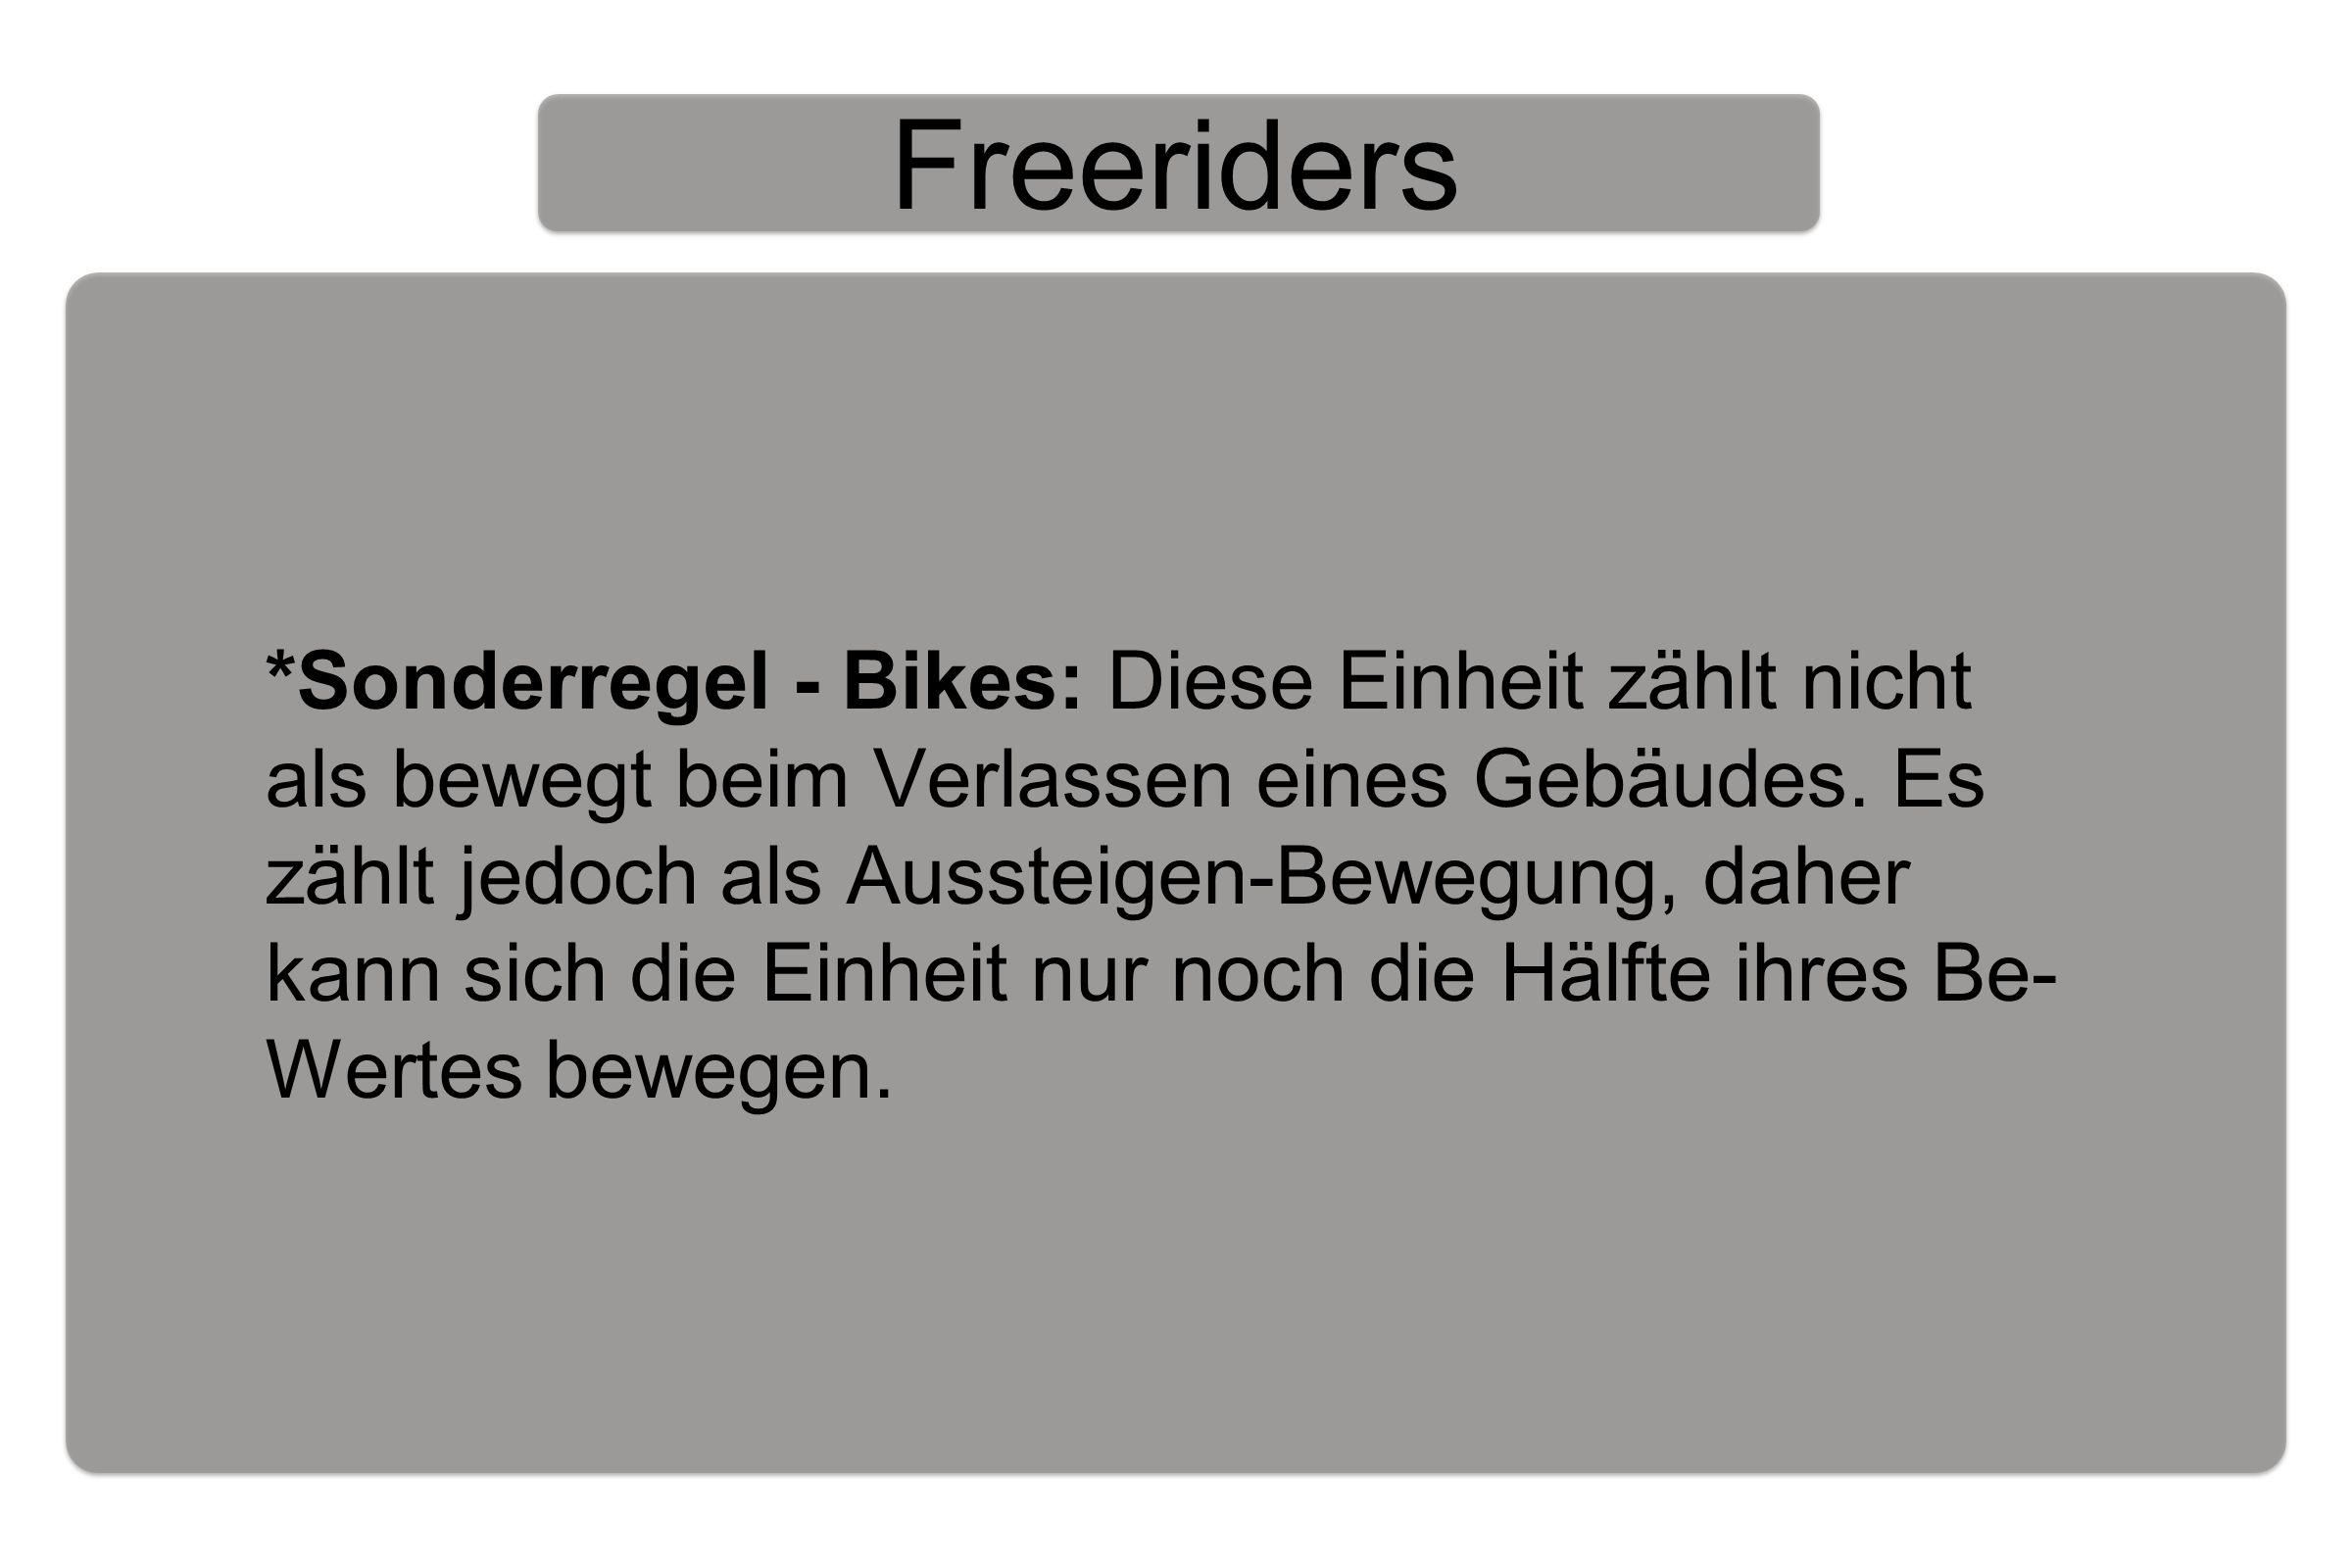 Freeriders *Sonderregel - Bikes: Diese Einheit zählt nicht als bewegt beim Verlassen eines Gebäudes.